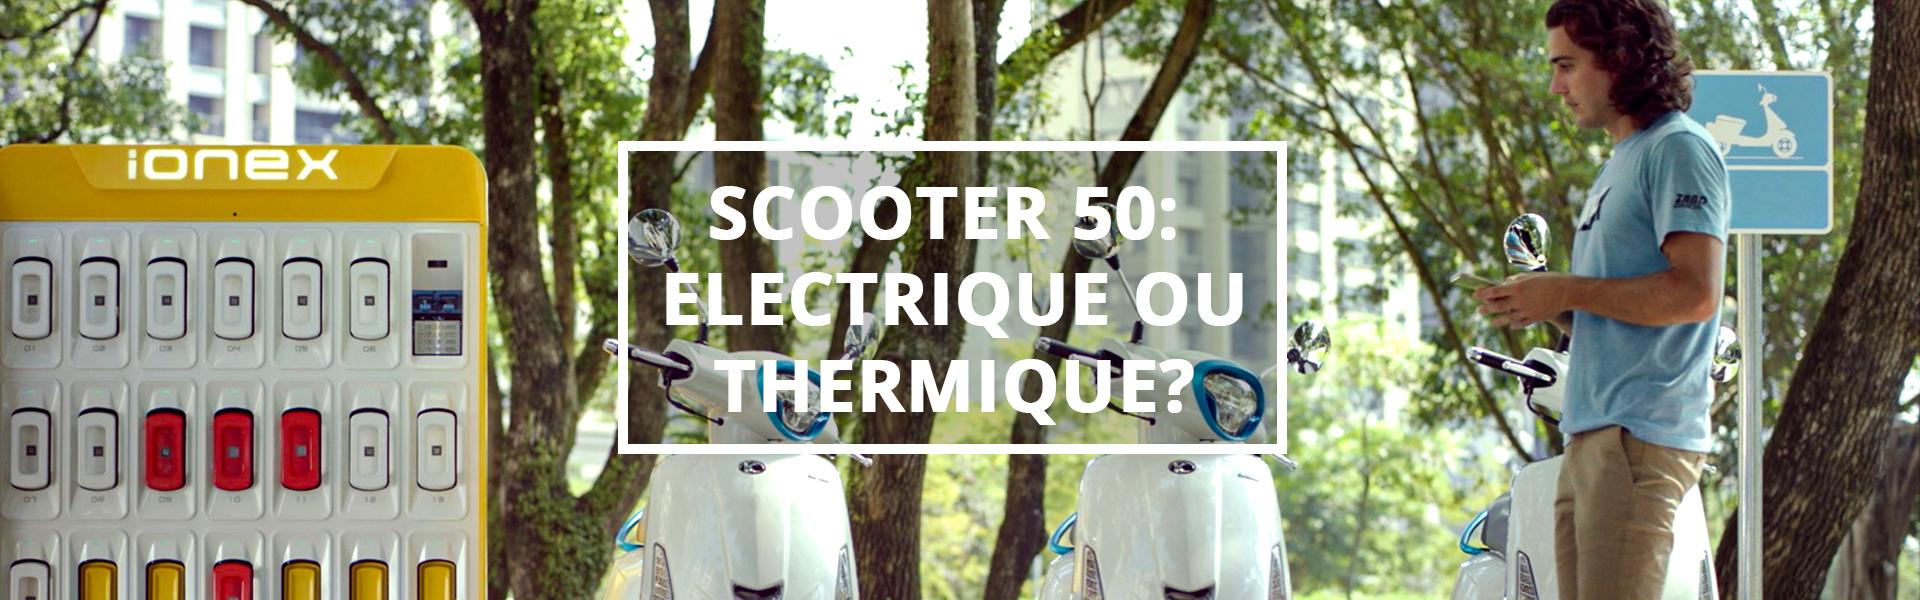 avantages-scooters-electriques